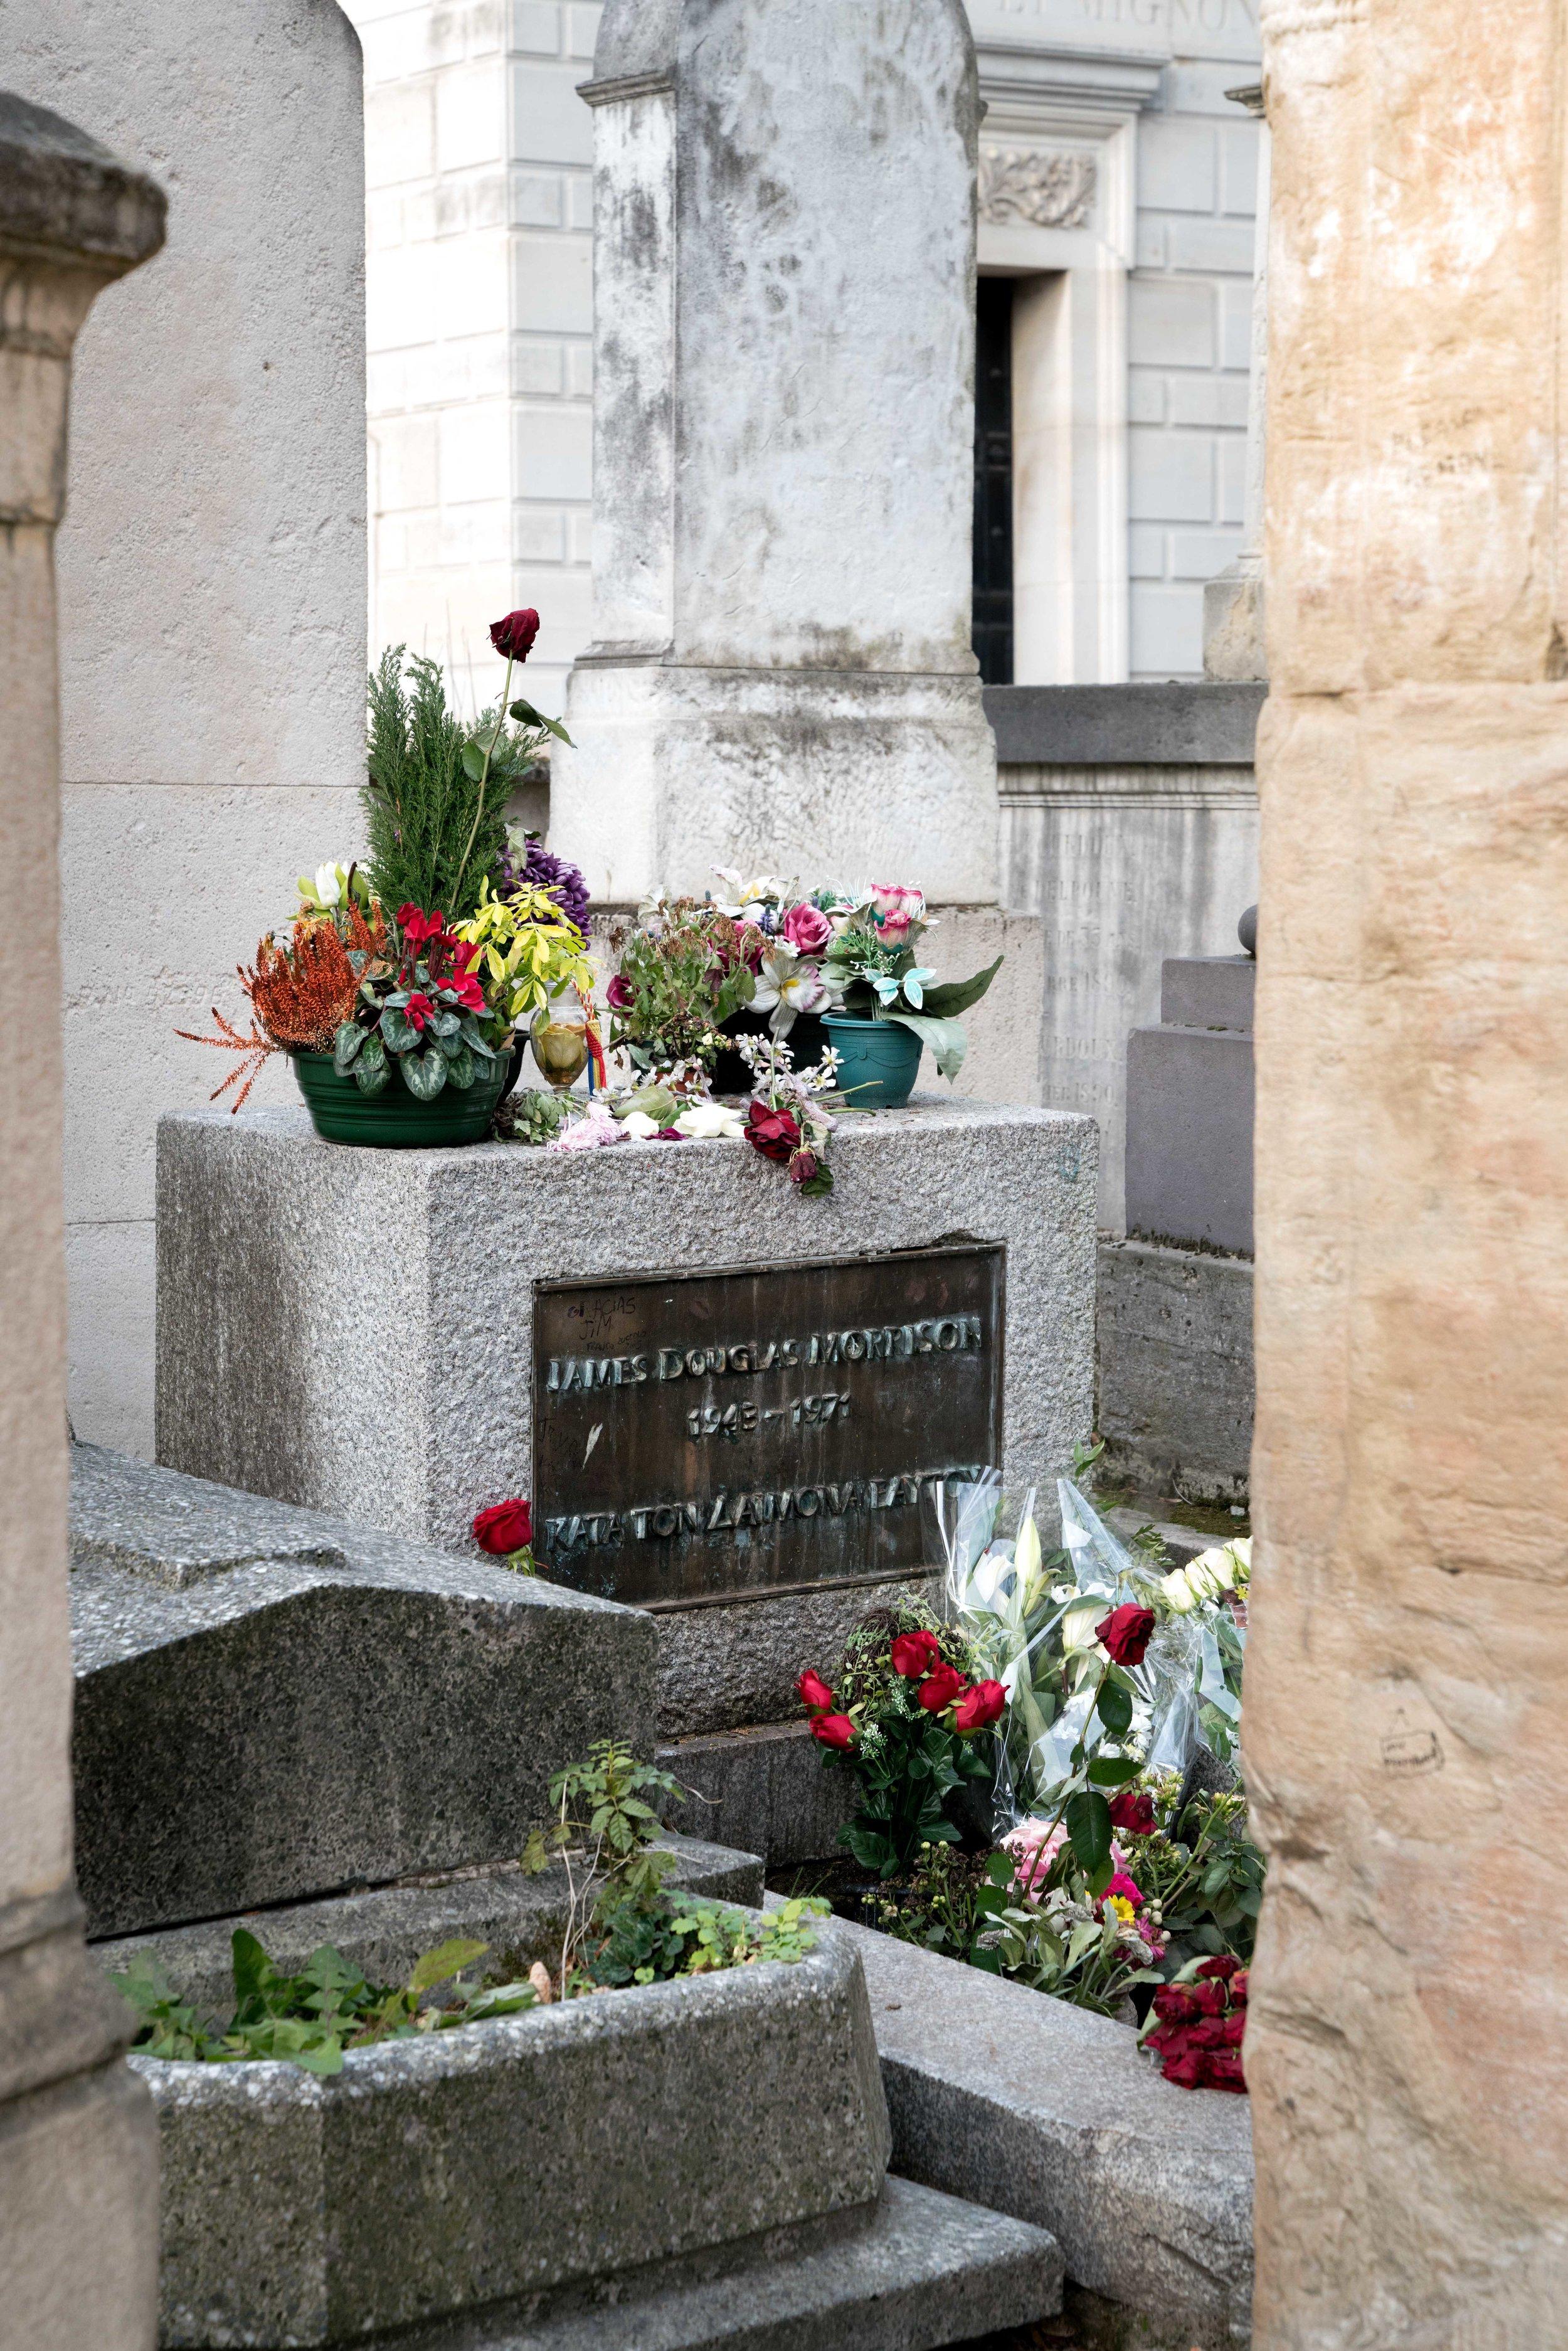 James Douglas Morrison: Final Resting Place